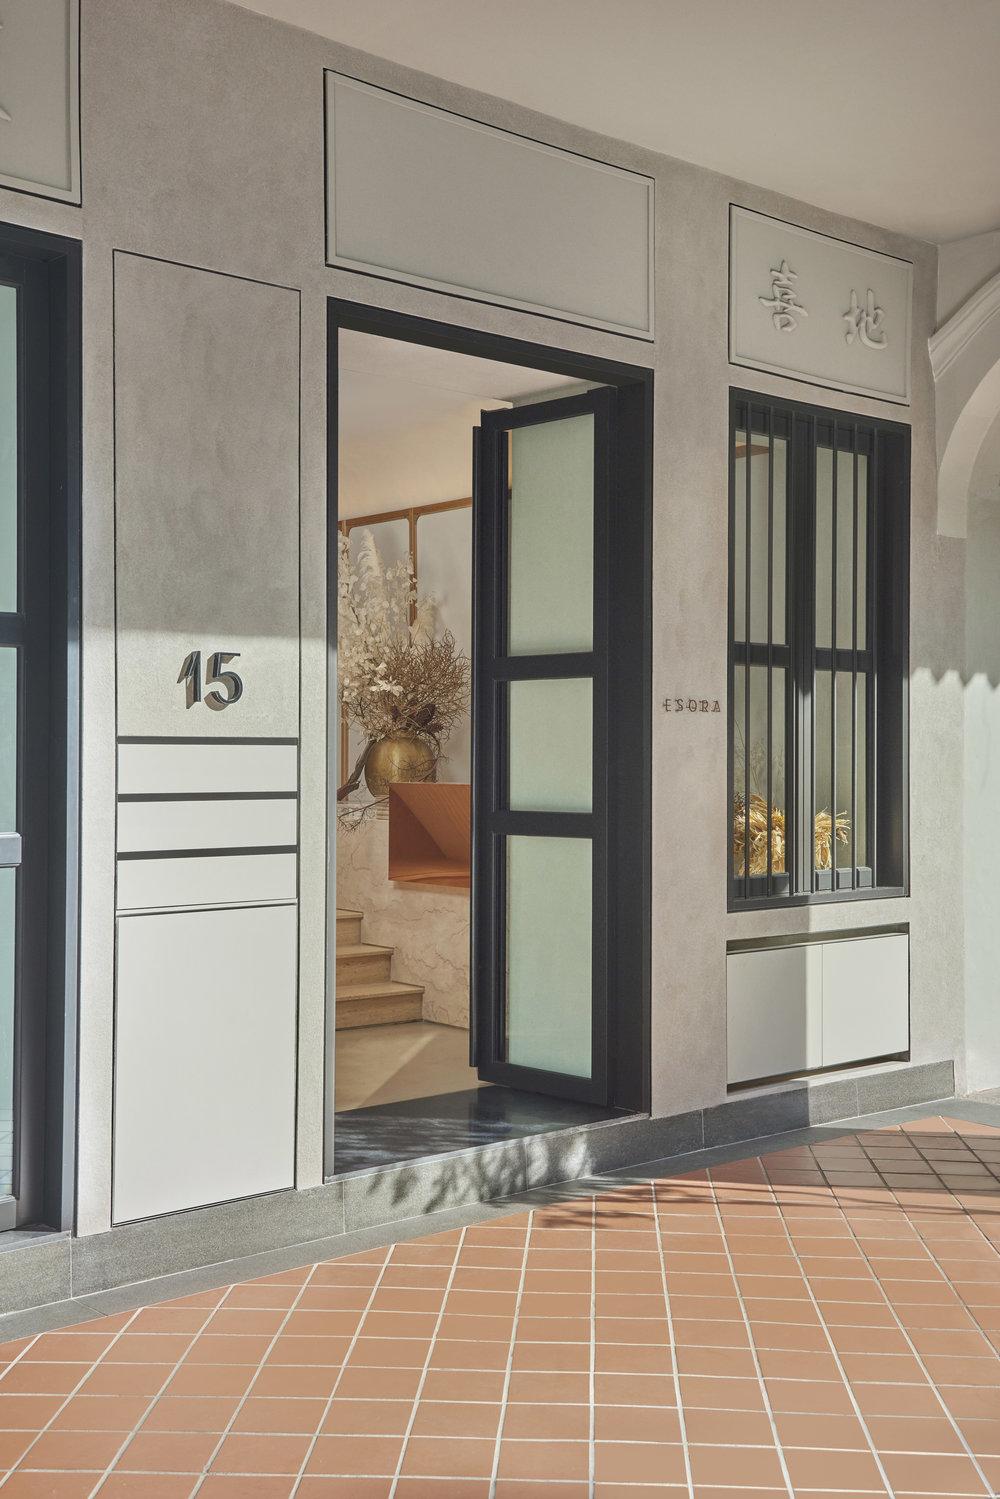 05 ESORA - Venue (Entrance).jpg